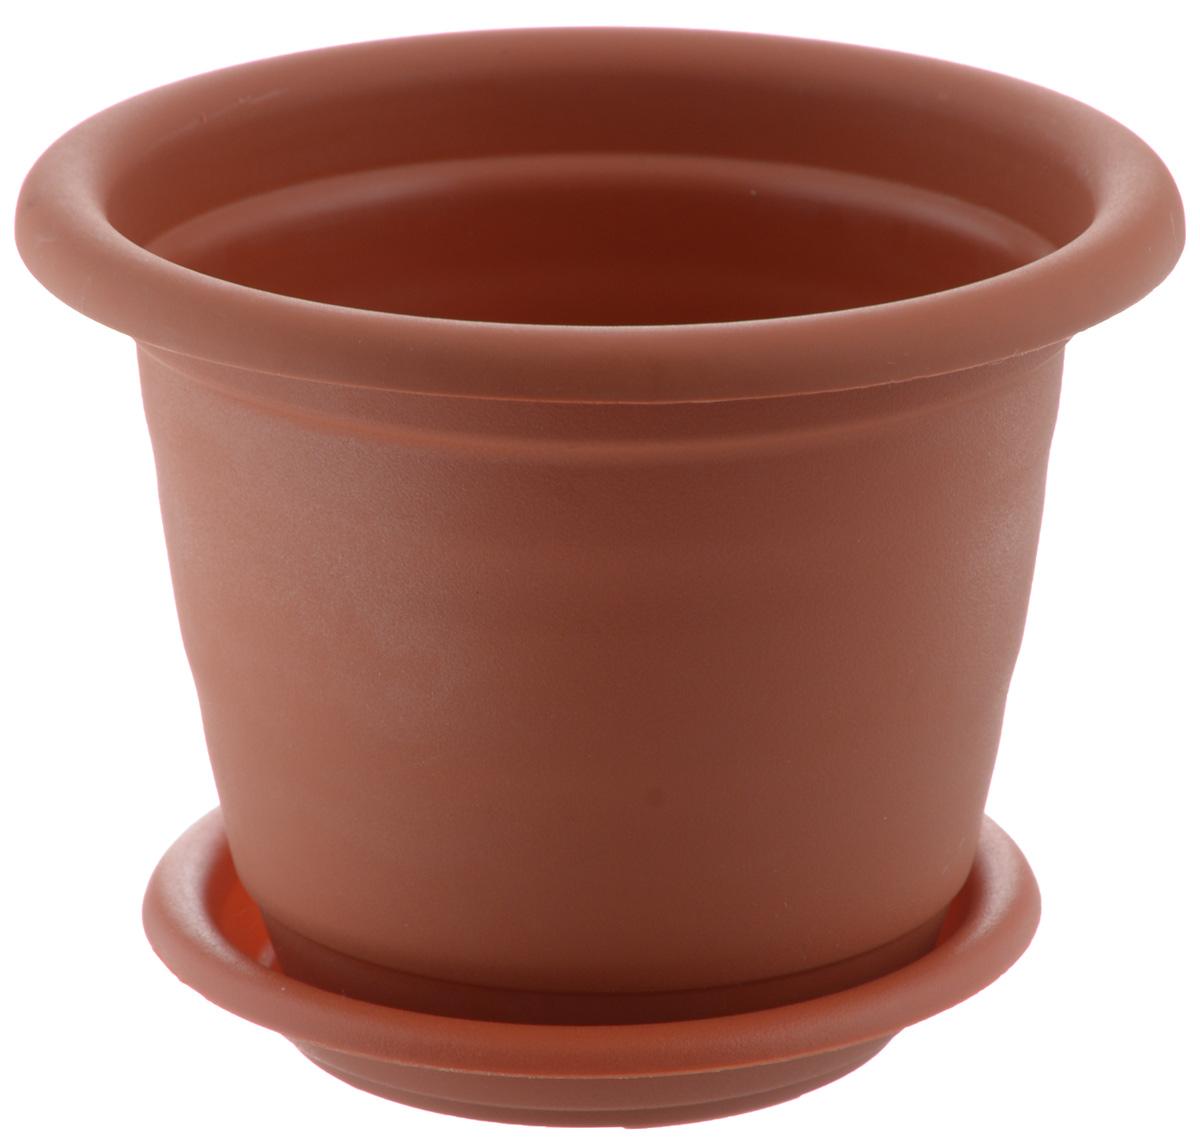 Кашпо Idea Ламела, с поддоном, цвет: терракотовый, 800 млМ 8200Кашпо Idea Ламела изготовлено из высококачественного пластика. Специальный поддон предназначен для стока воды. Изделие прекрасно подходит для выращивания растений и цветов в домашних условиях. Лаконичный дизайн впишется в интерьер любого помещения. Диаметр поддона: 11 см. Диаметр кашпо по верхнему краю: 13 см. Высота кашпо: 11 см. Объем кашпо: 800 мл.